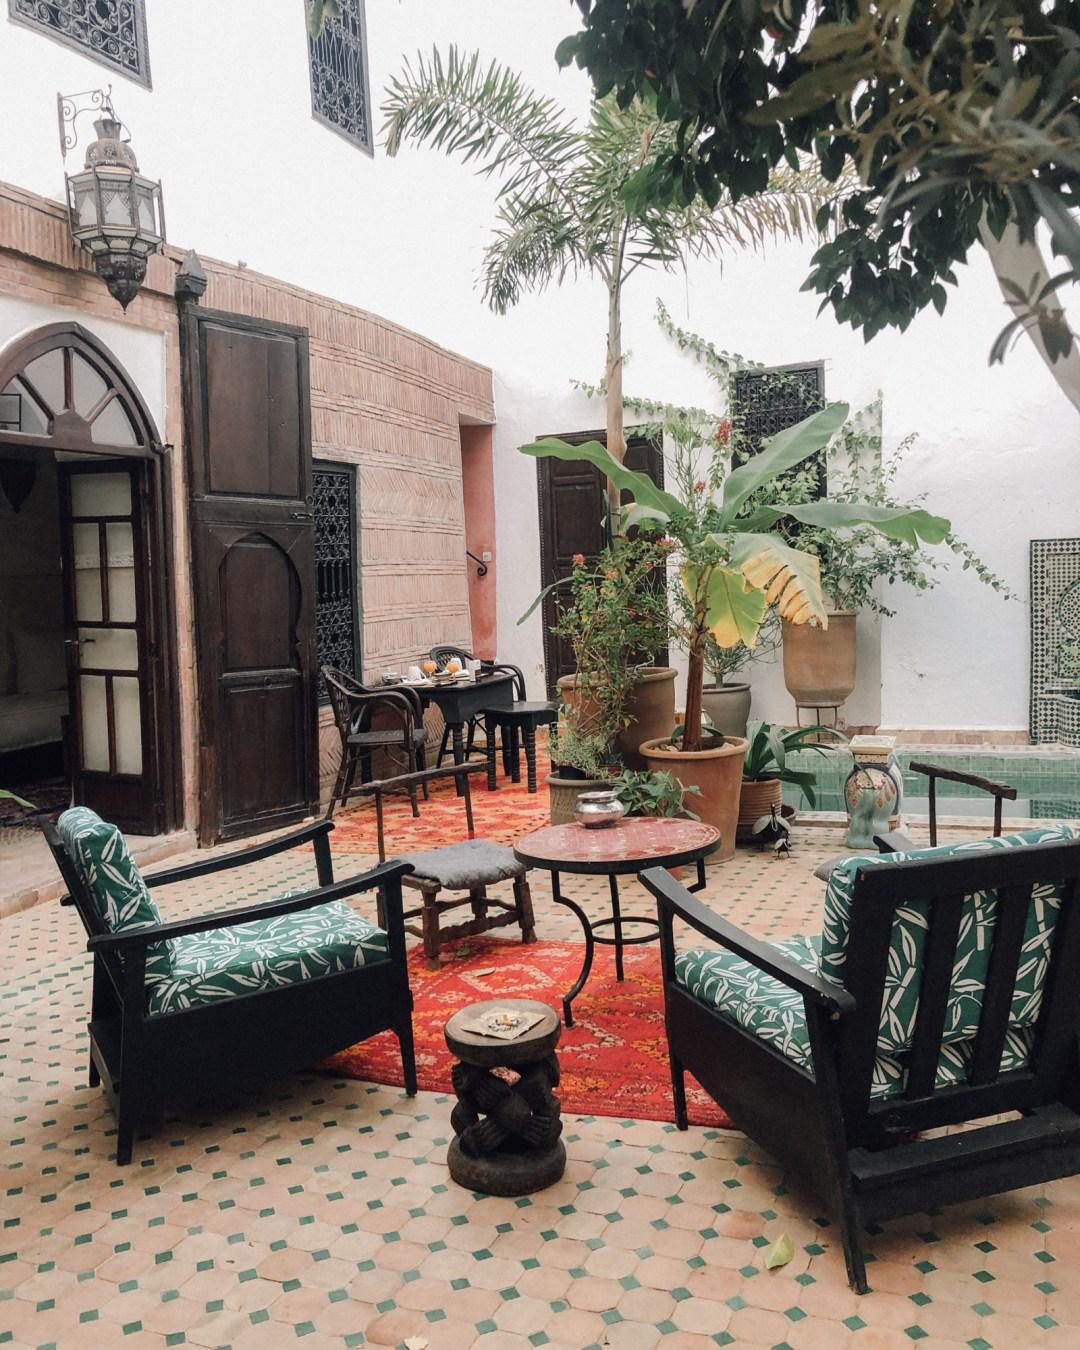 Inastil, Reiseblog, Ue50Blogger, Marrakech, Marokko, Travelblog, Reisebericht, Visualdiary,_-7